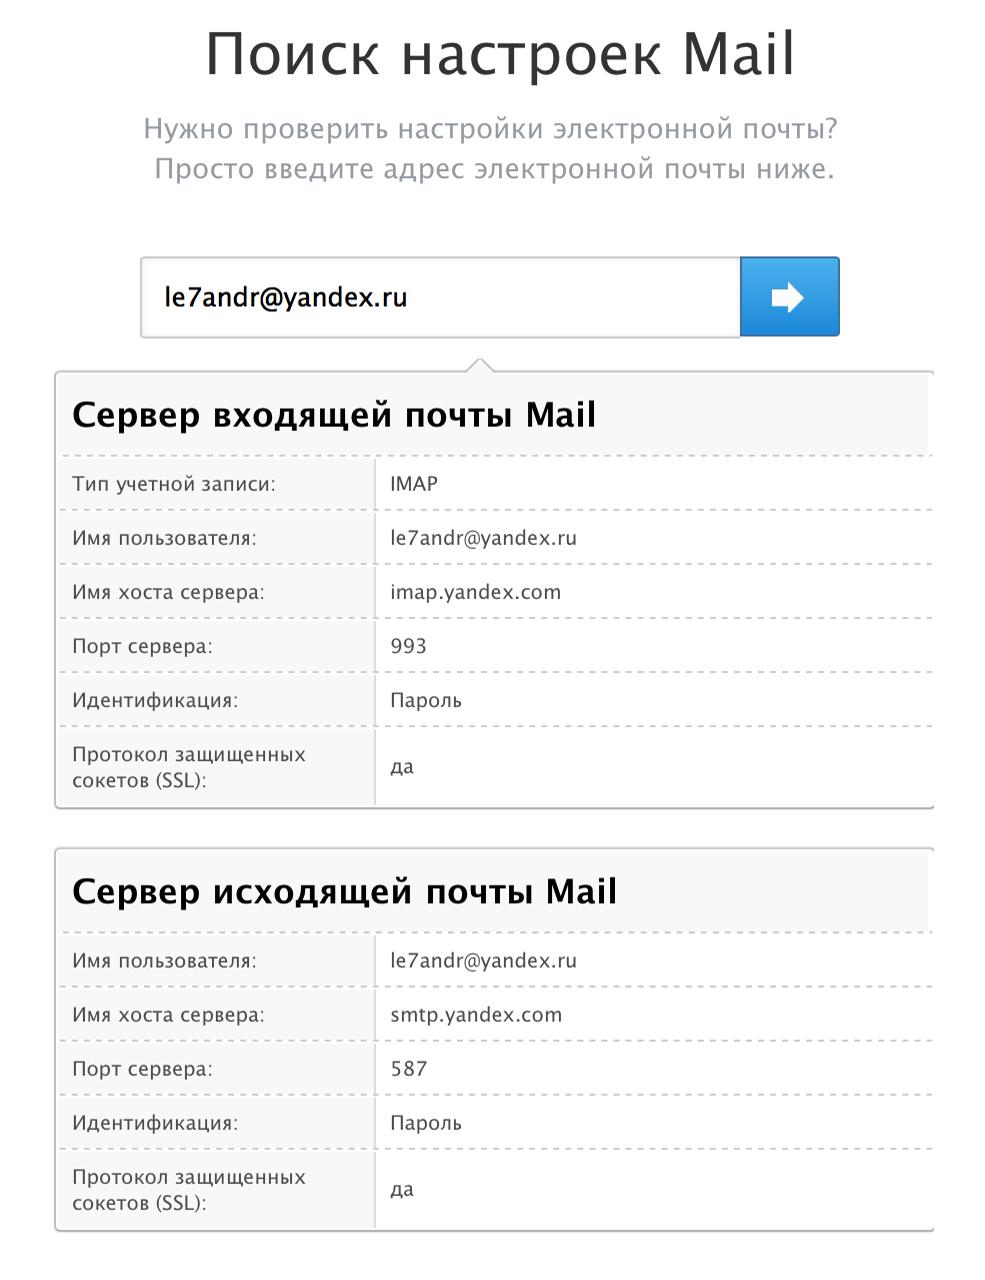 Настройки почты для Яндекс-Почты